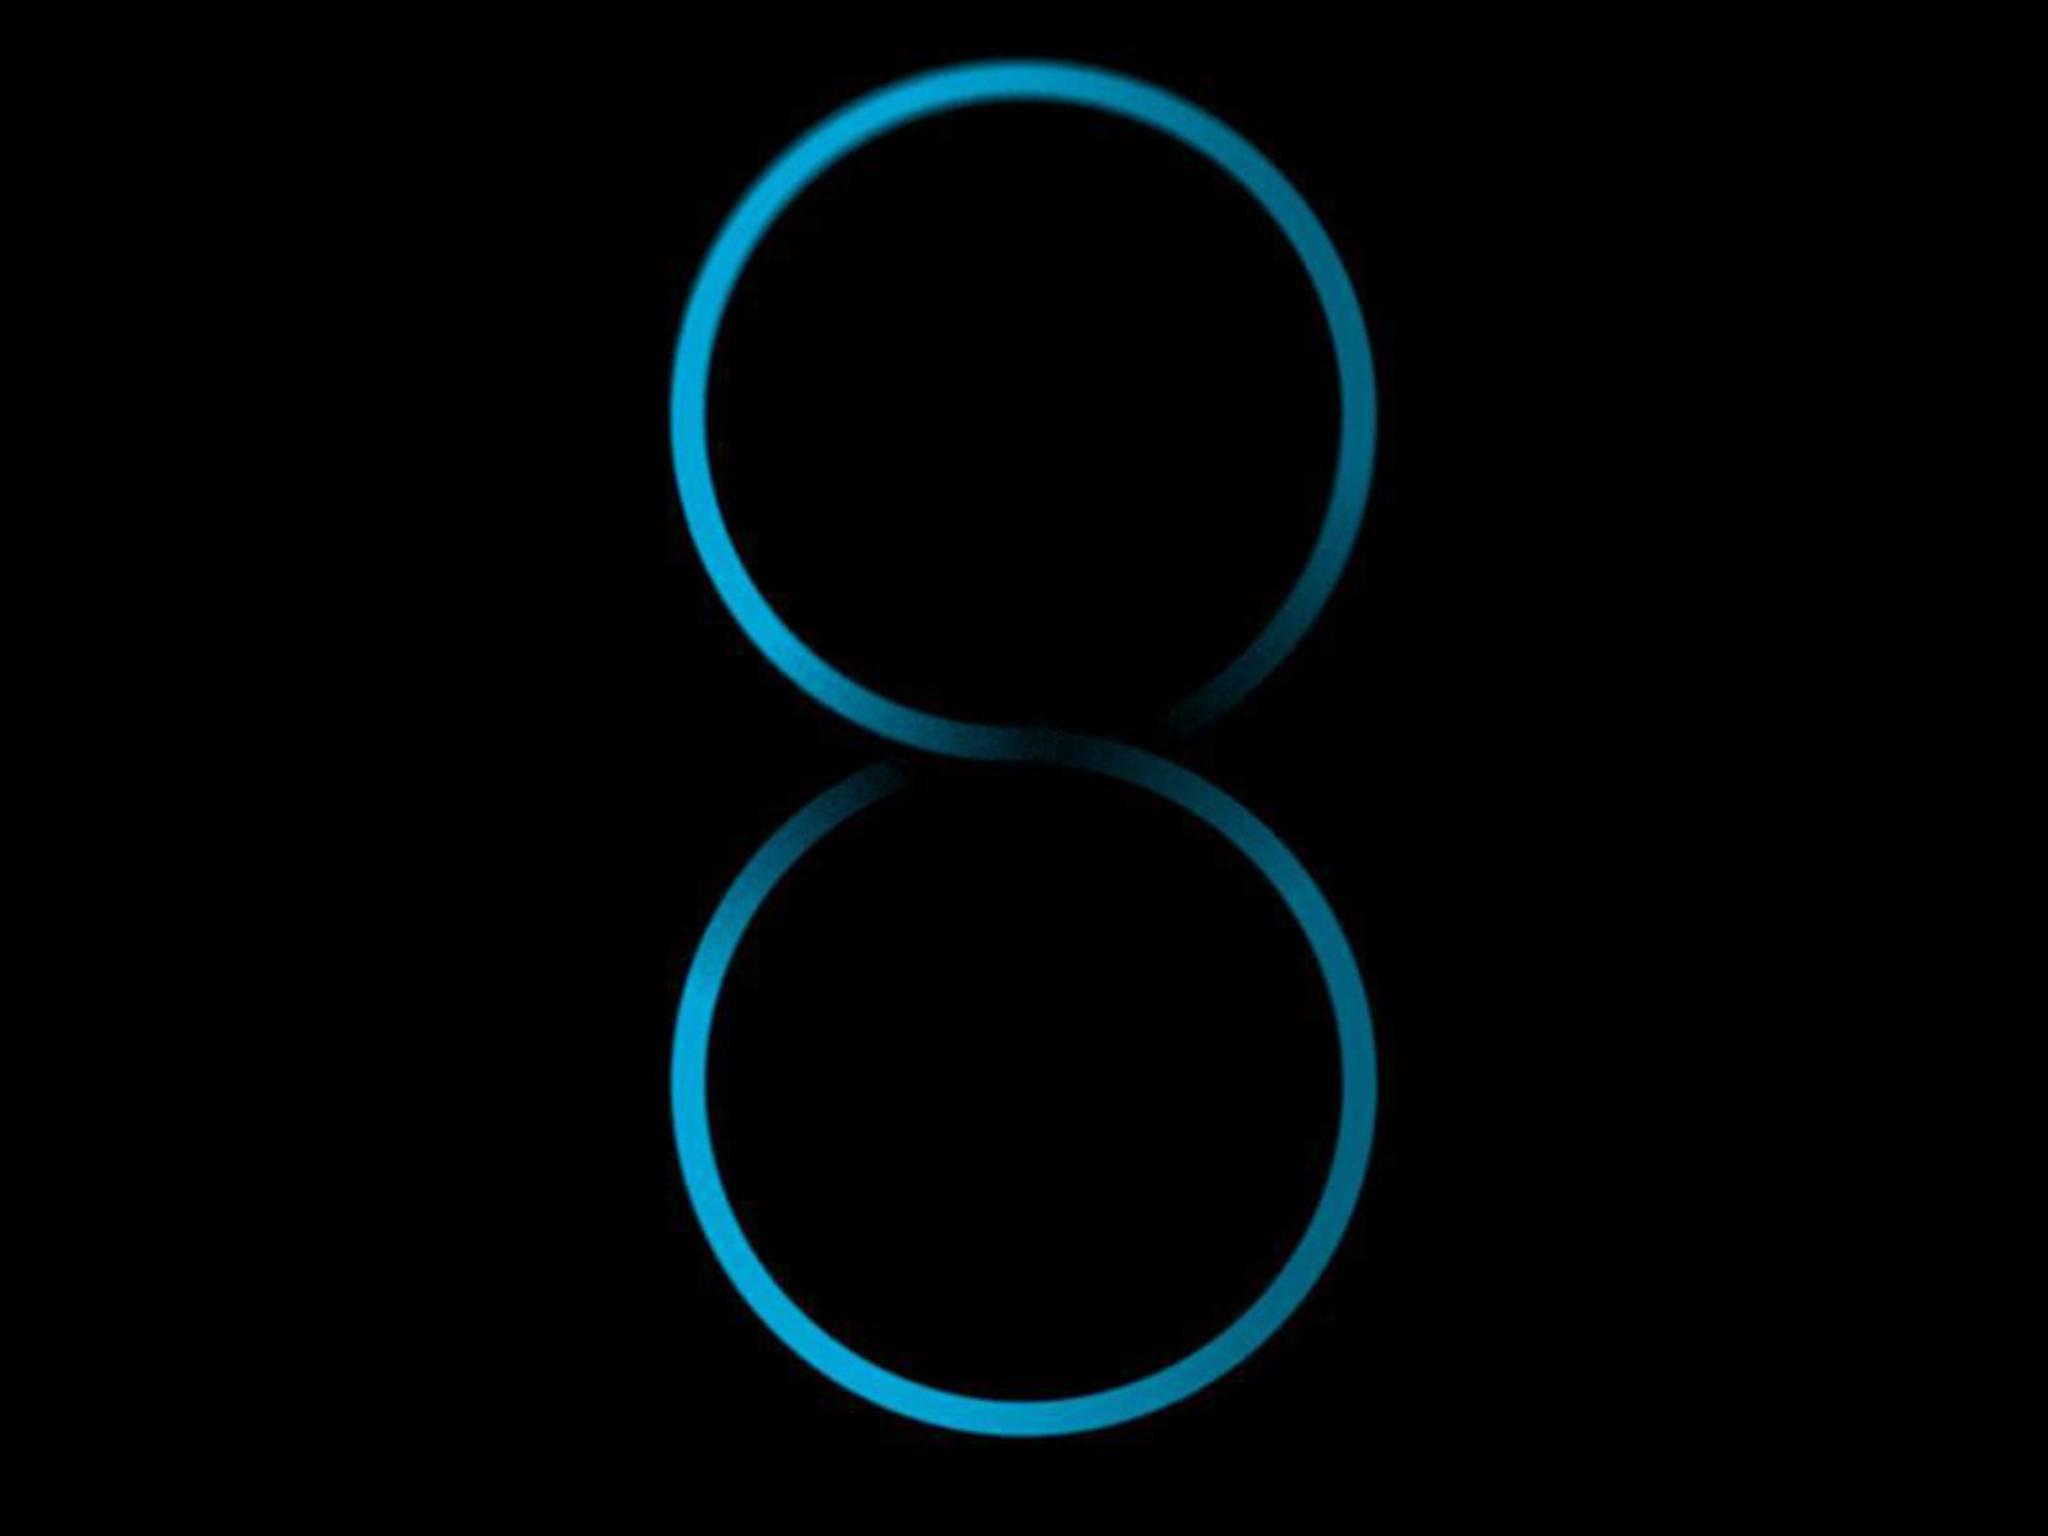 Das Galaxy S8 könnte mit einem Akku von LG ausgestattet werden.